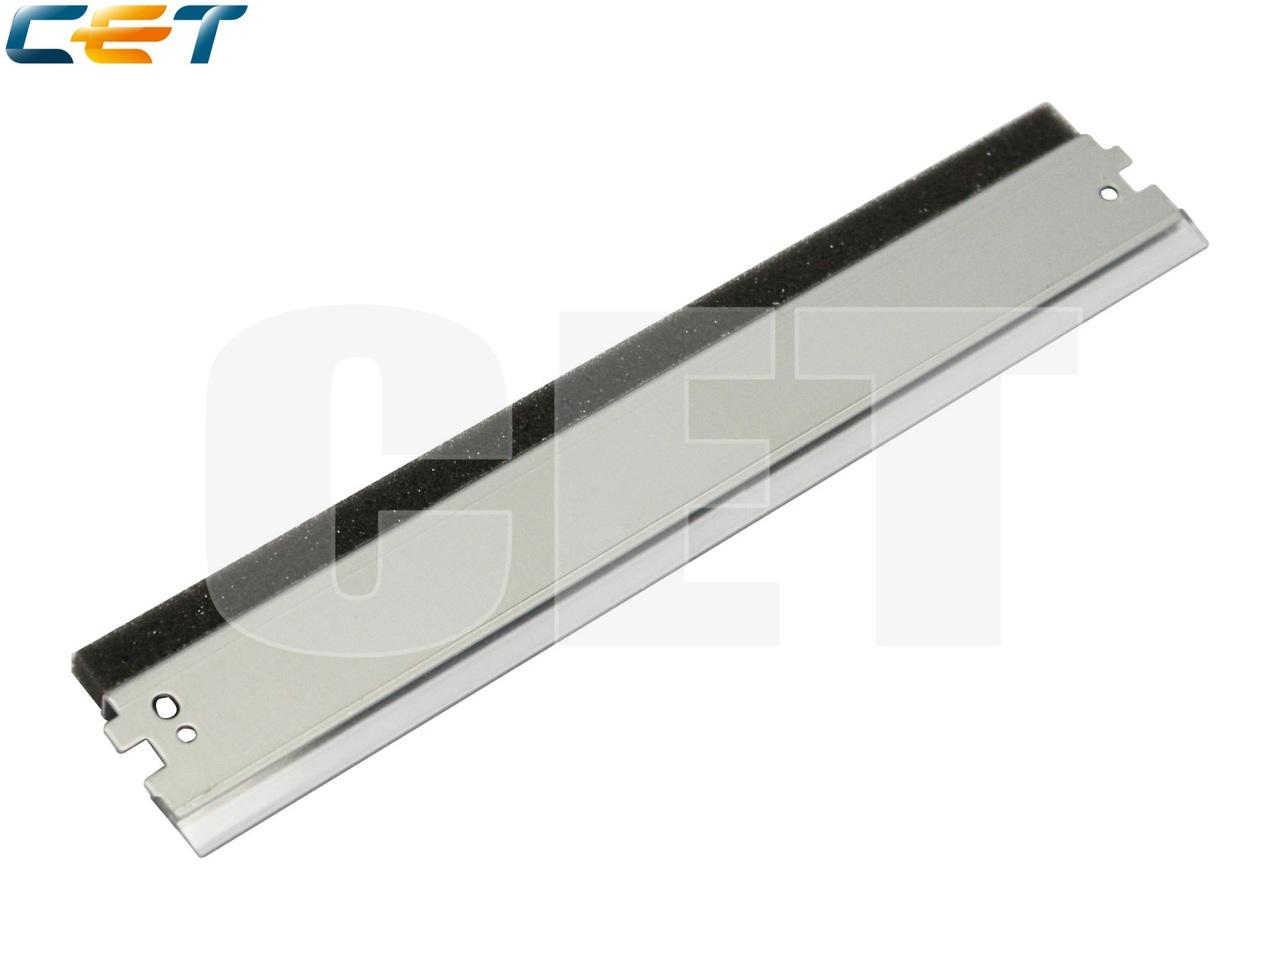 Ракель для CANON iR1018/1019/1022/1023/1024/1025 (CET),CET3964